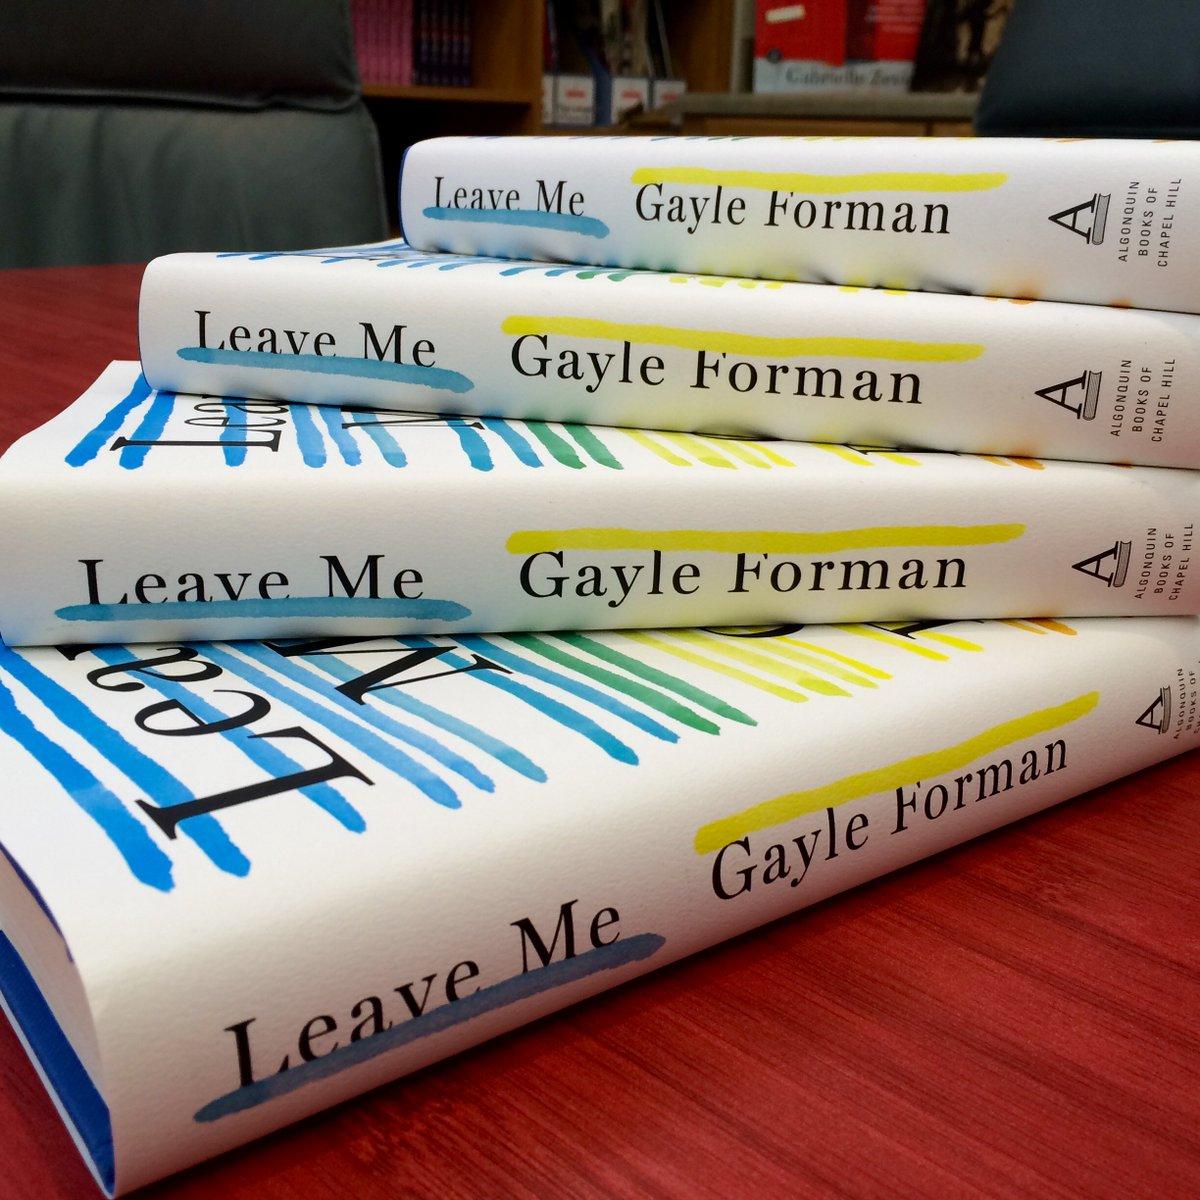 #LeaveMe by @gayleforman coming 9/6. Order your copy today!  https://t.co/wPJ5Xa5u5S https://t.co/K8THcJPAPX